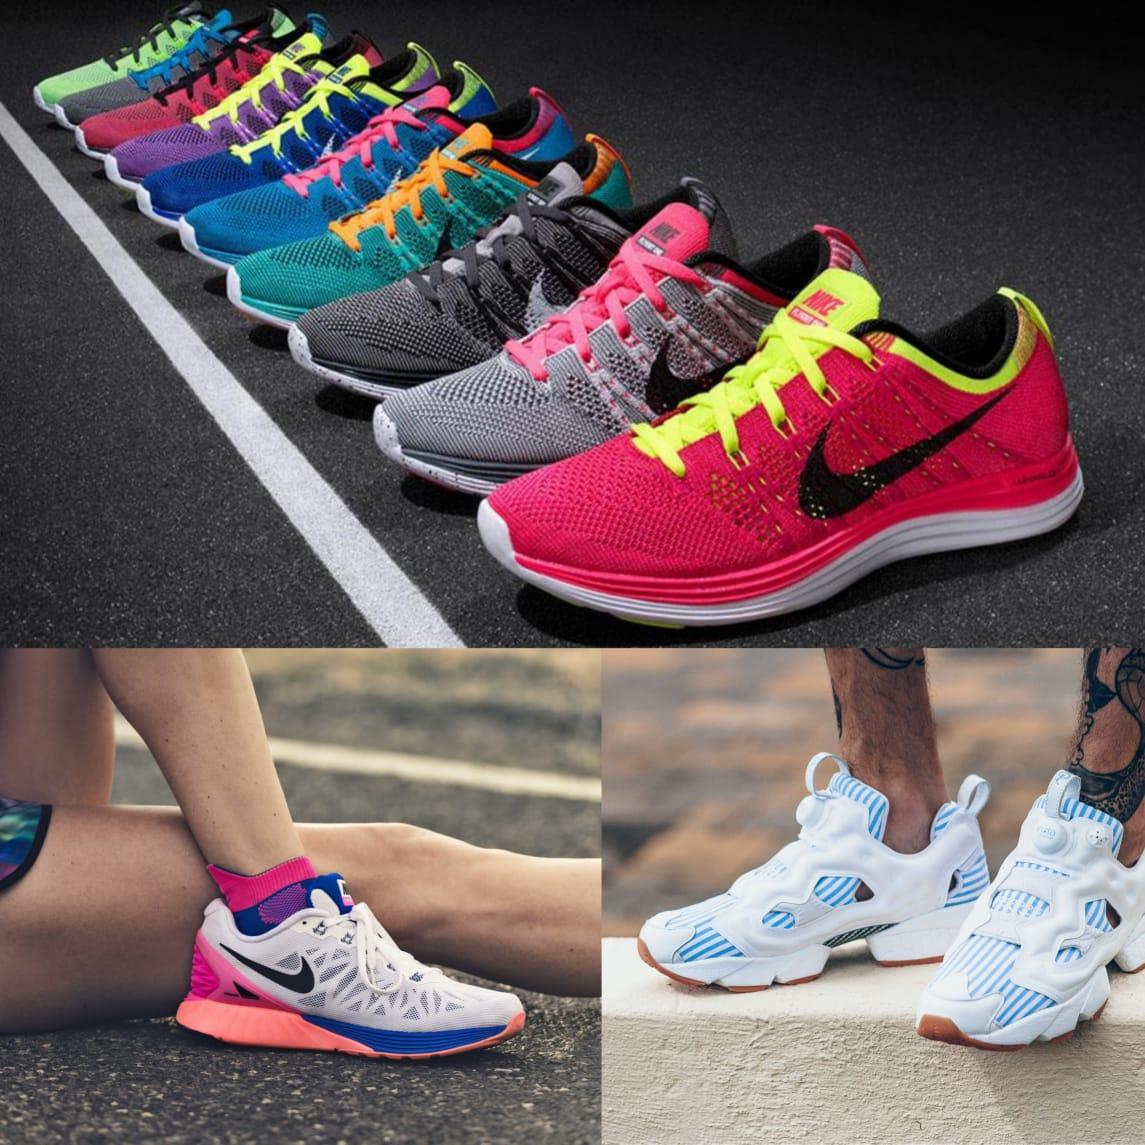 9fdddfc7 Как выбрать кроссовки | Модные лучшие кроссовки для бега, фитнеса и  повседневной носки